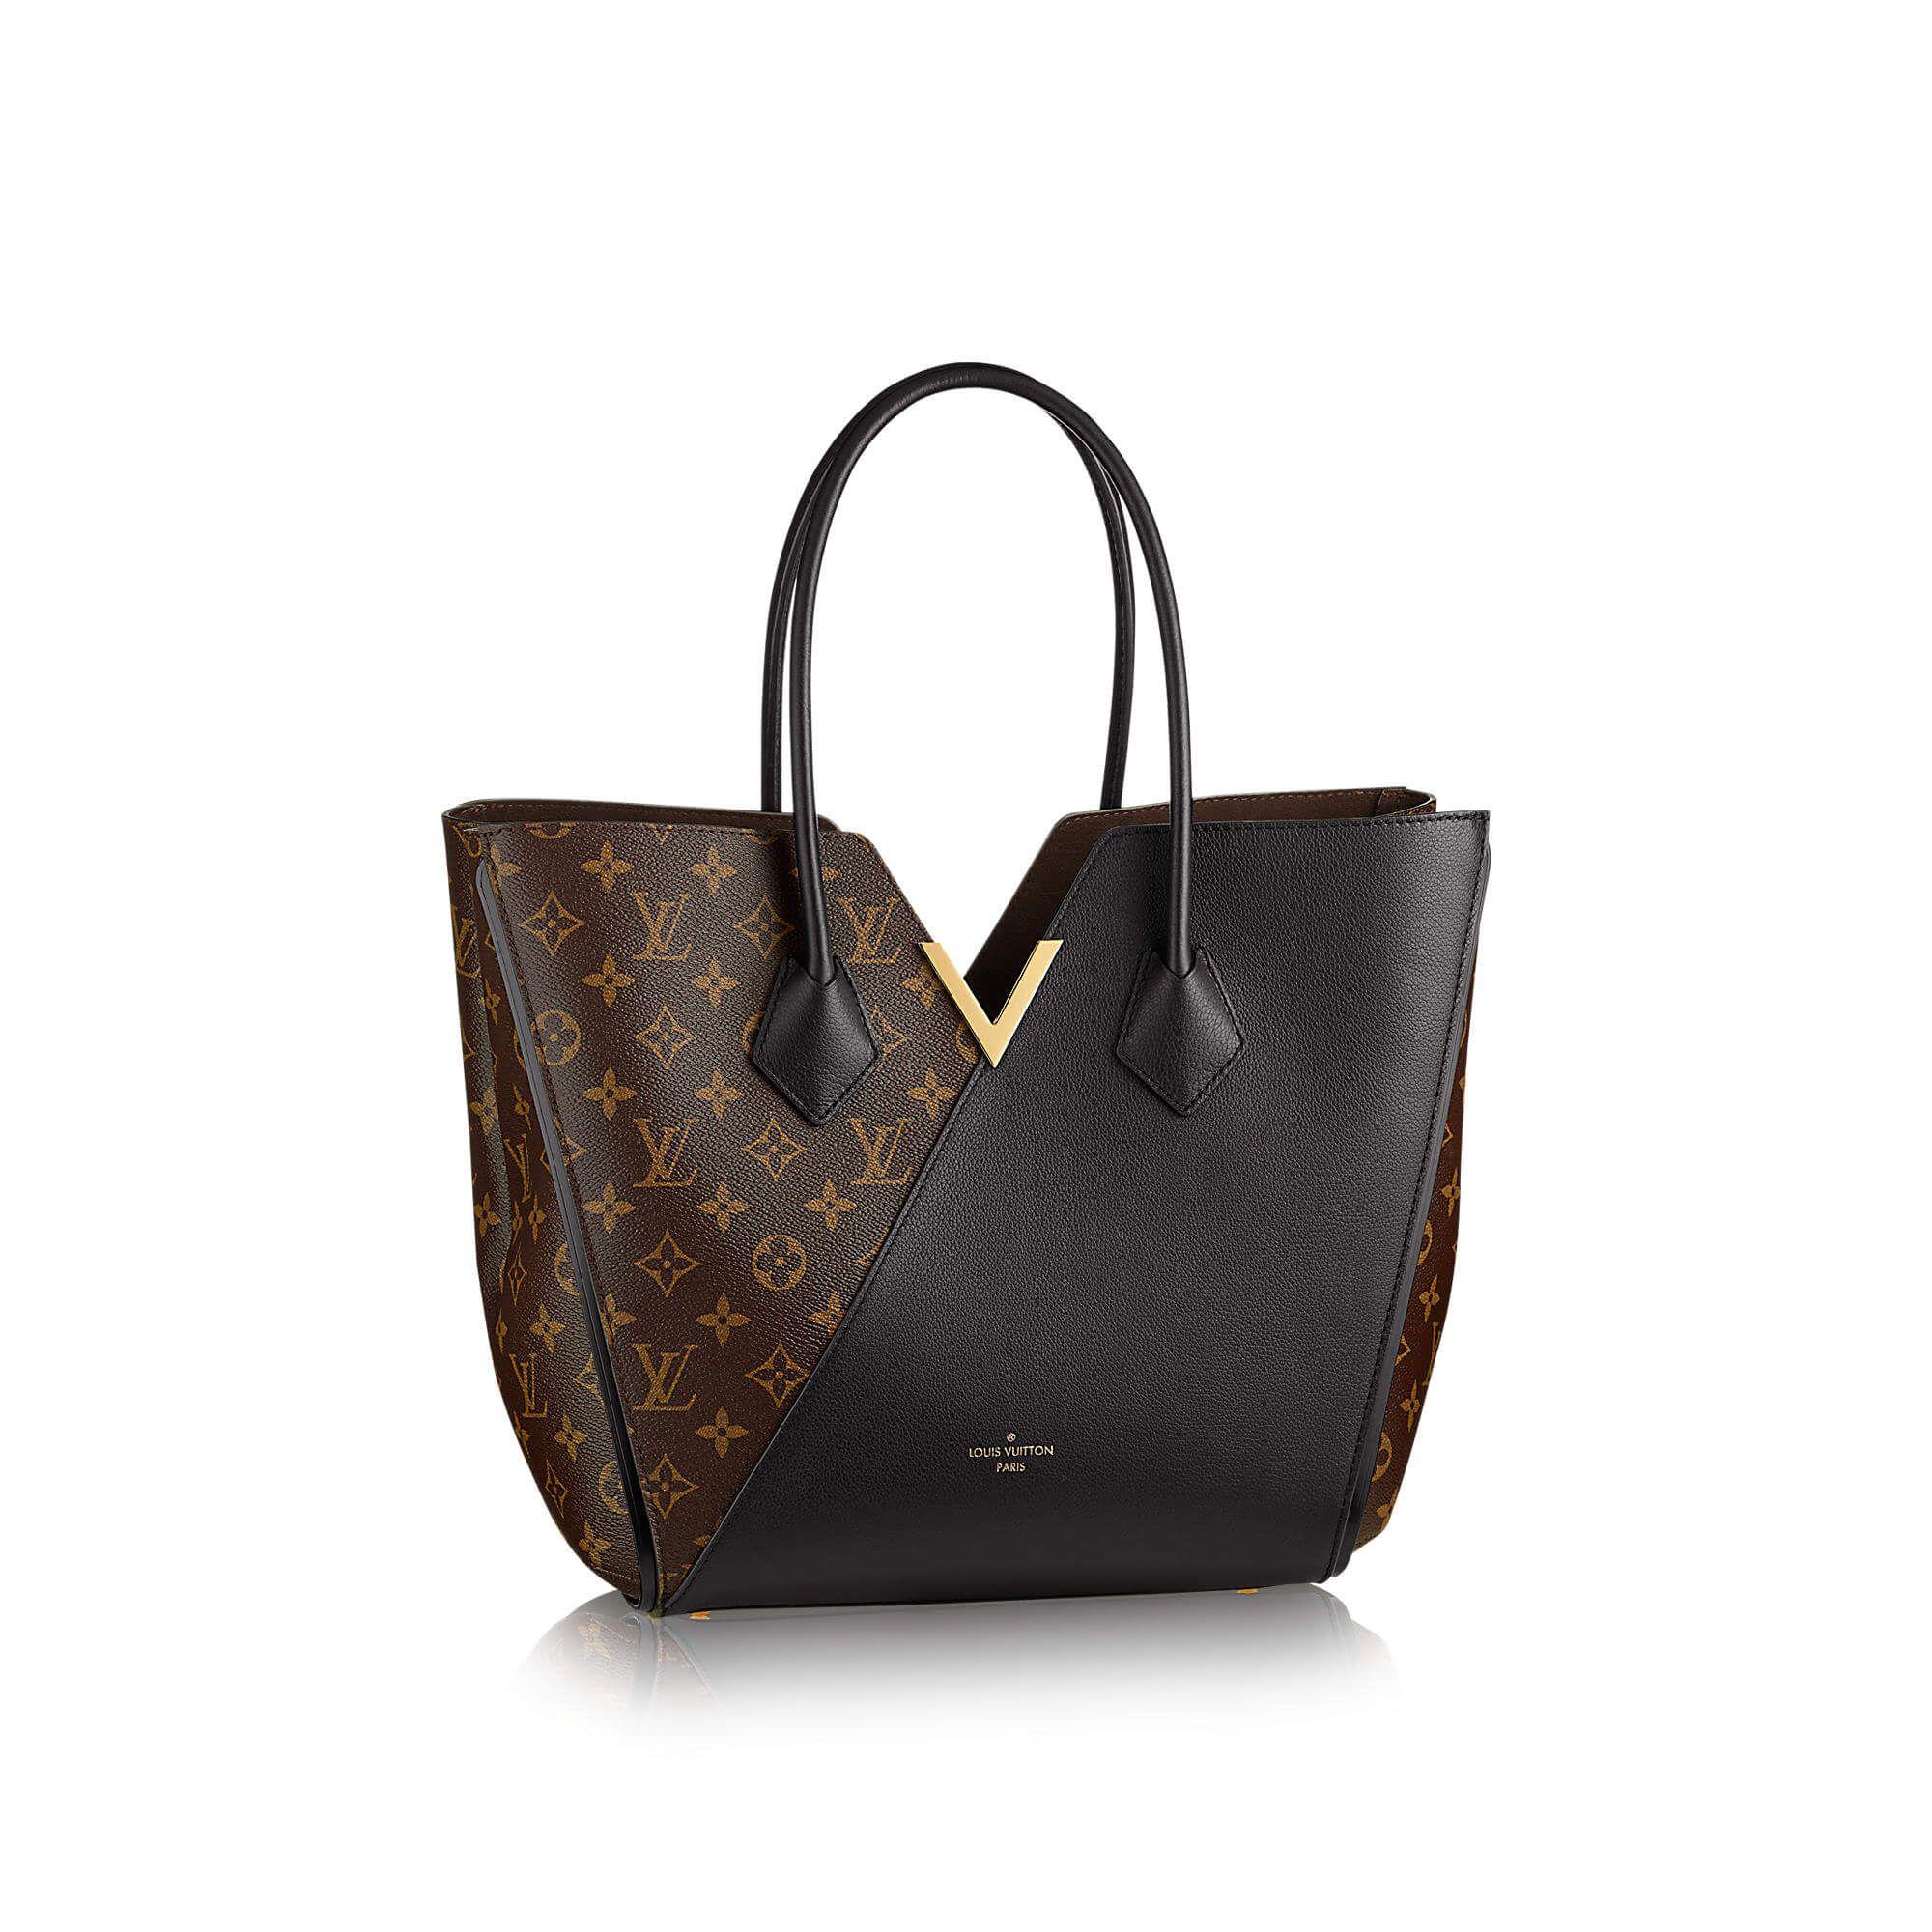 Louis Vuitton Taschen Second Hand